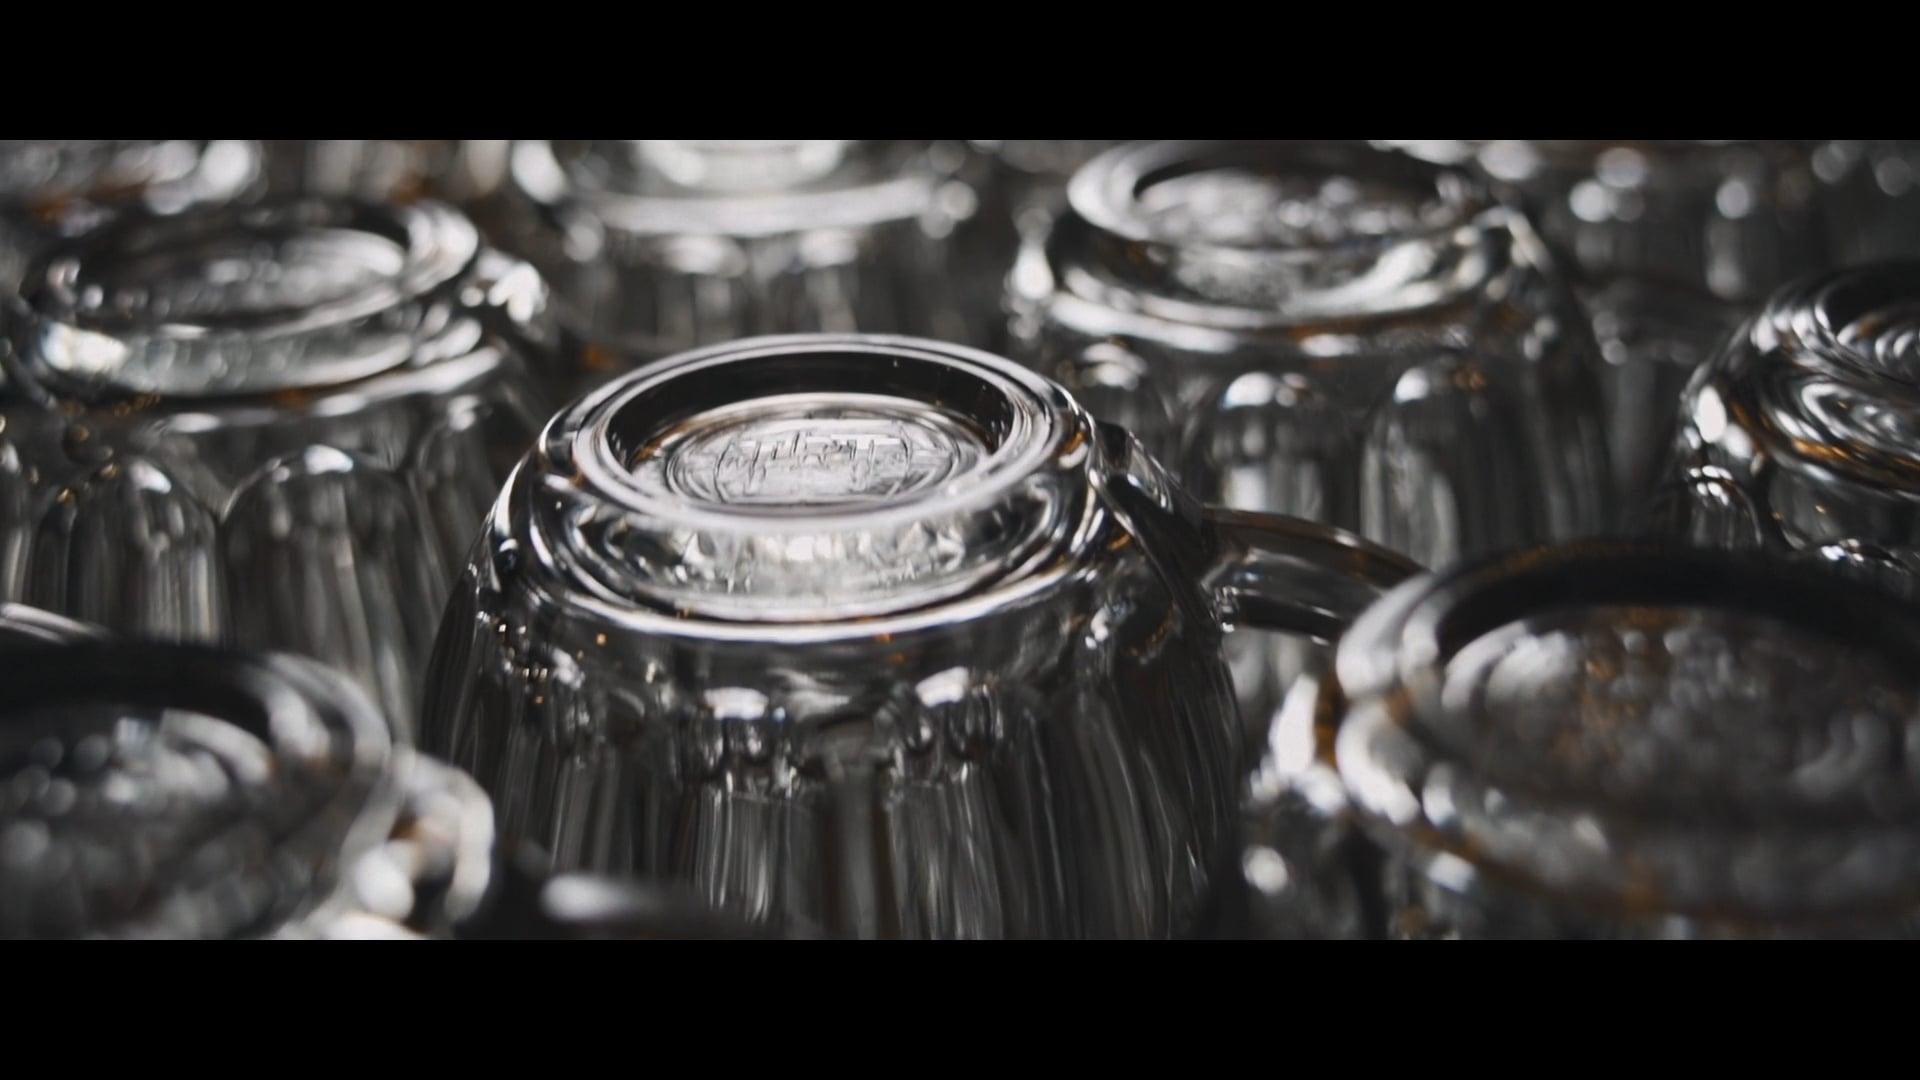 V Kolkovne - Promo Video